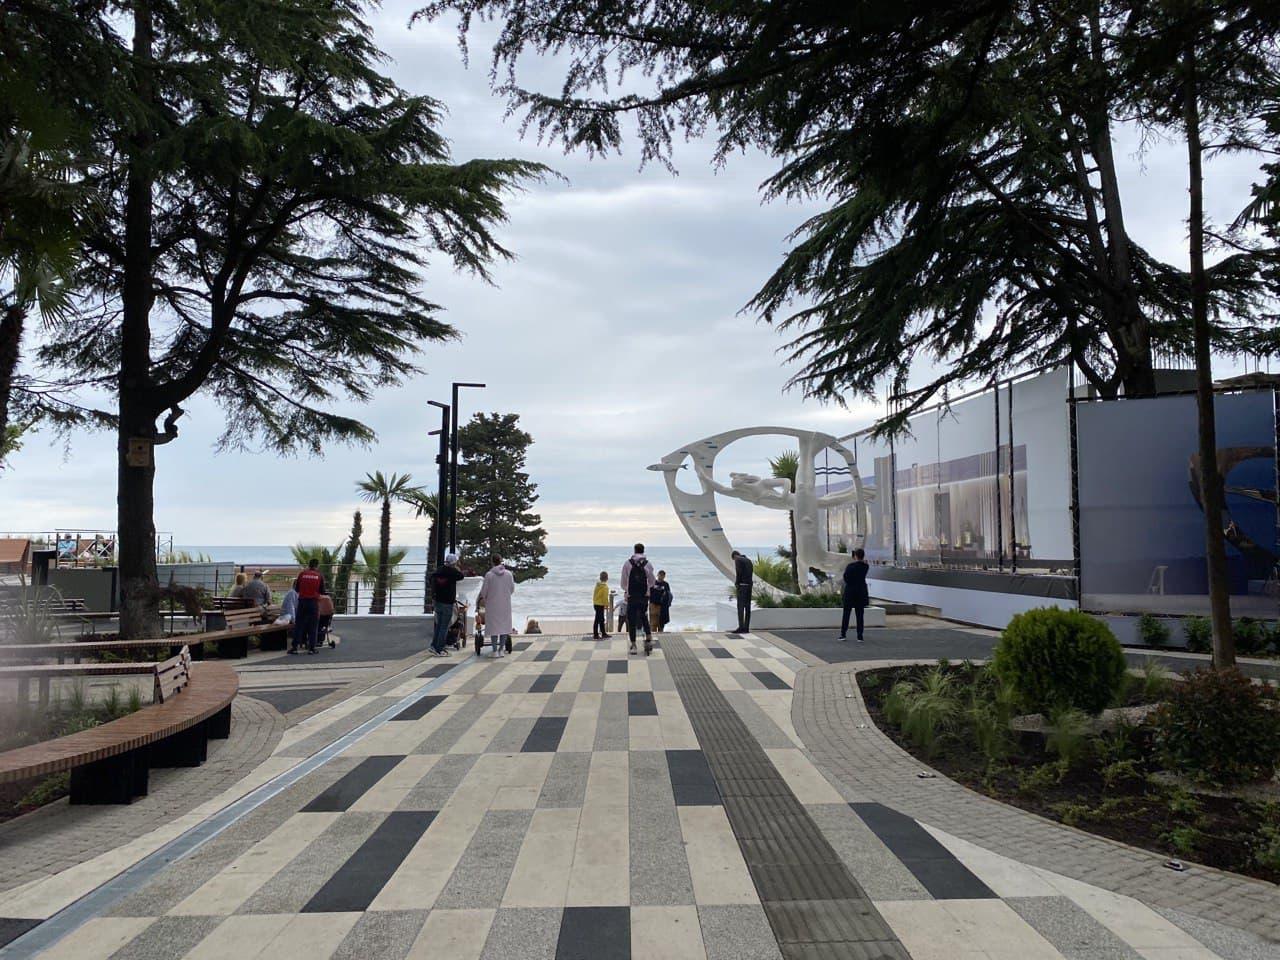 В Сочи ГК «Метрополис» реализует третий этап реконструкции набережной пляжа «Ривьера»